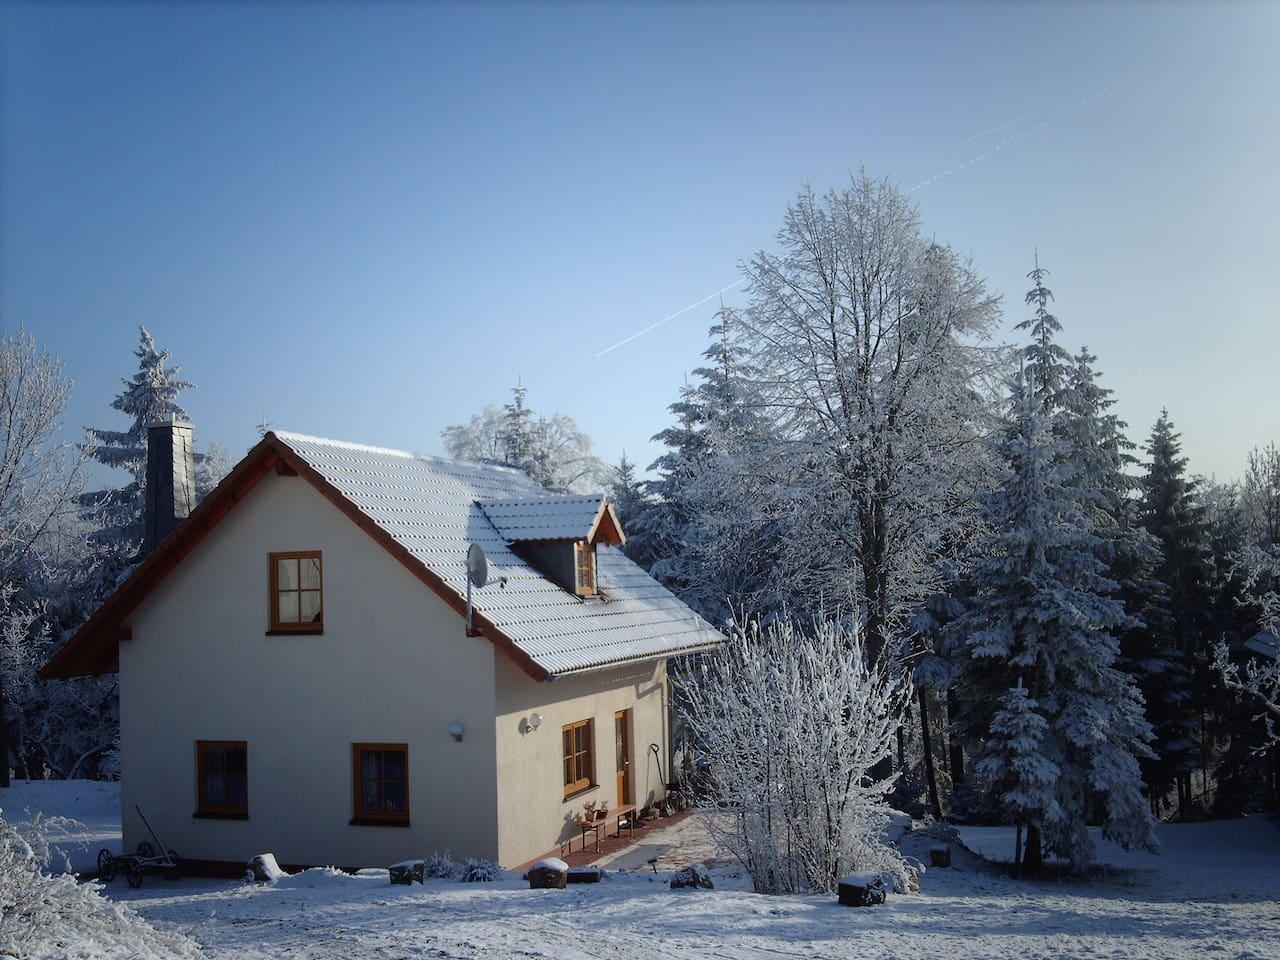 Ferienhaus Kämmerlein Winteridylle